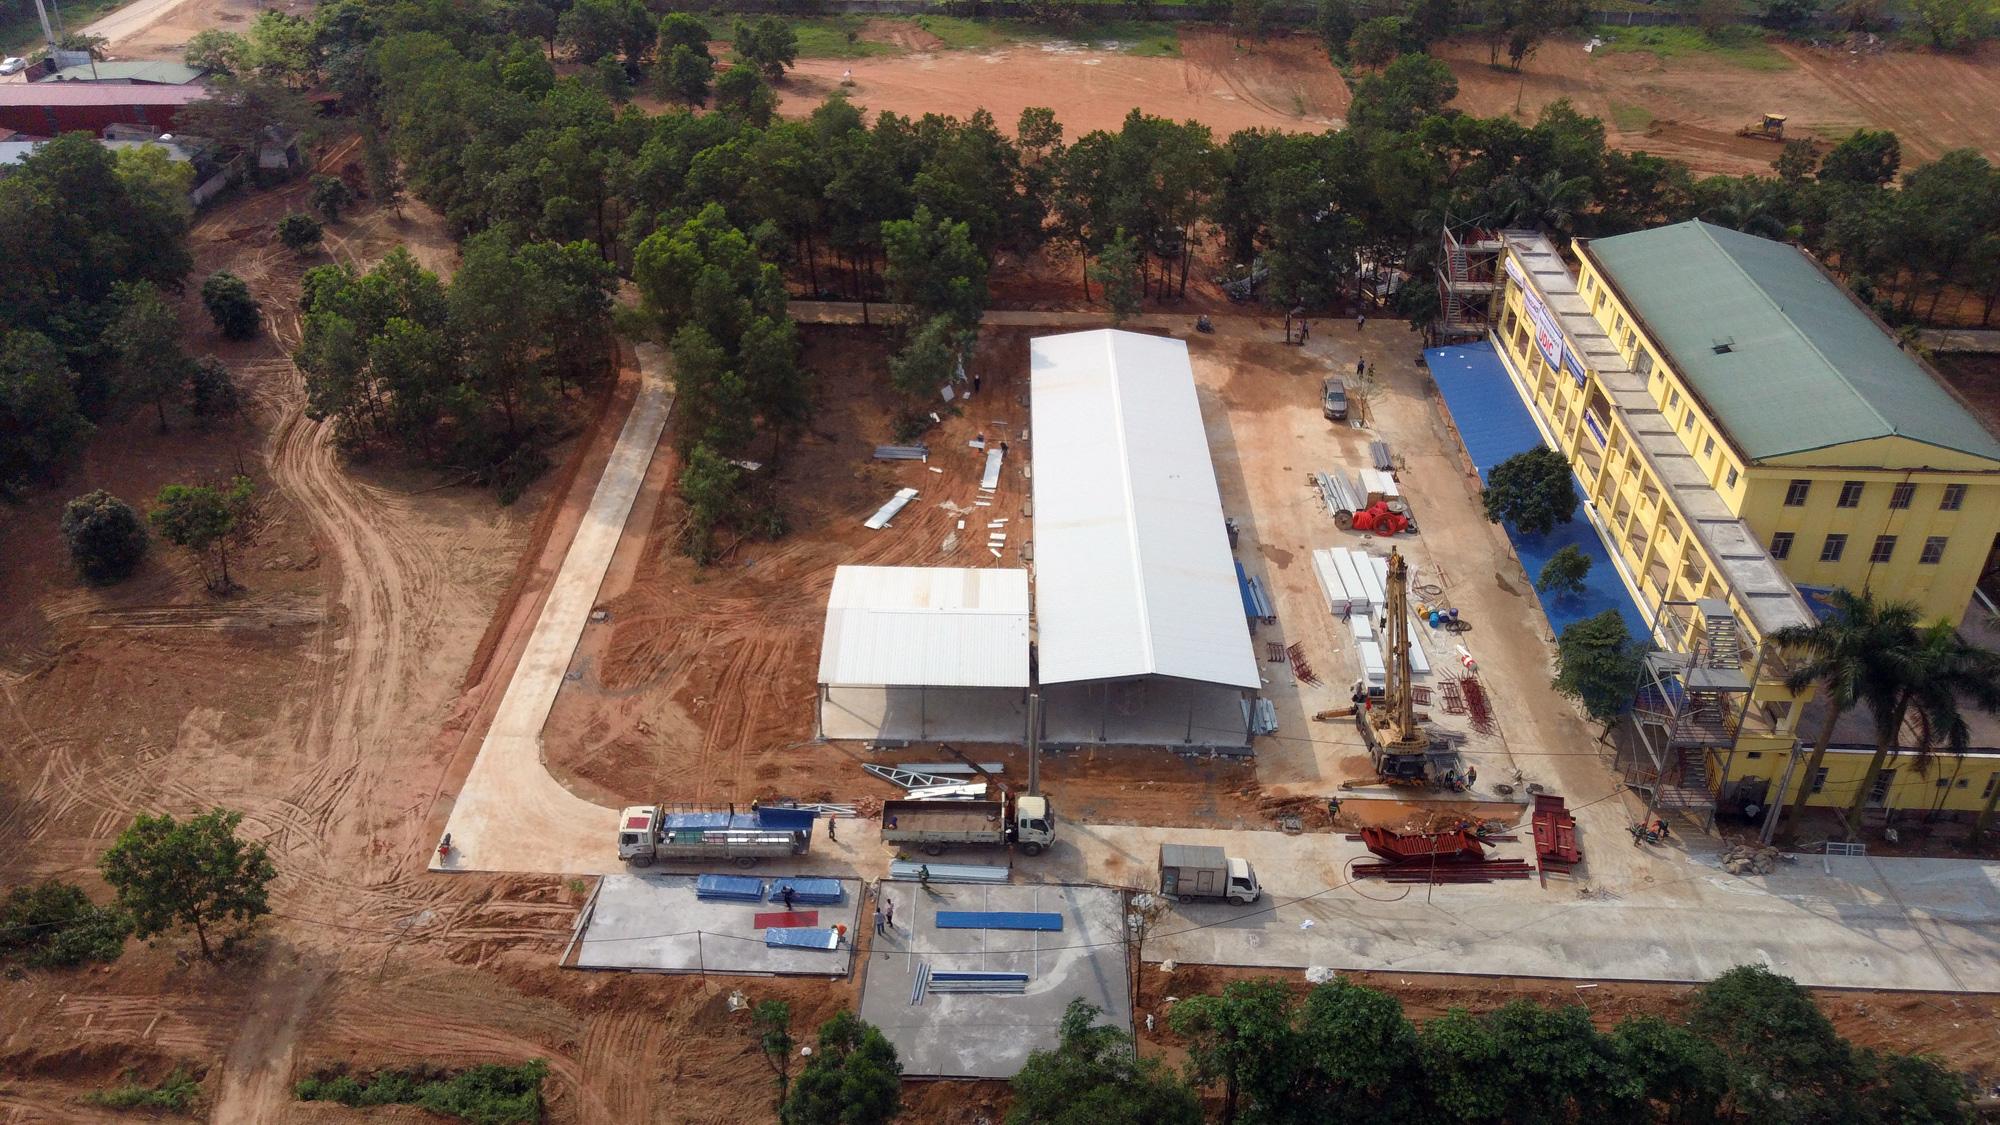 Hà Nội sửa xong bệnh viện bỏ hoang ở Mê Linh làm khu cách li chống dịch Covid-19 - Ảnh 4.